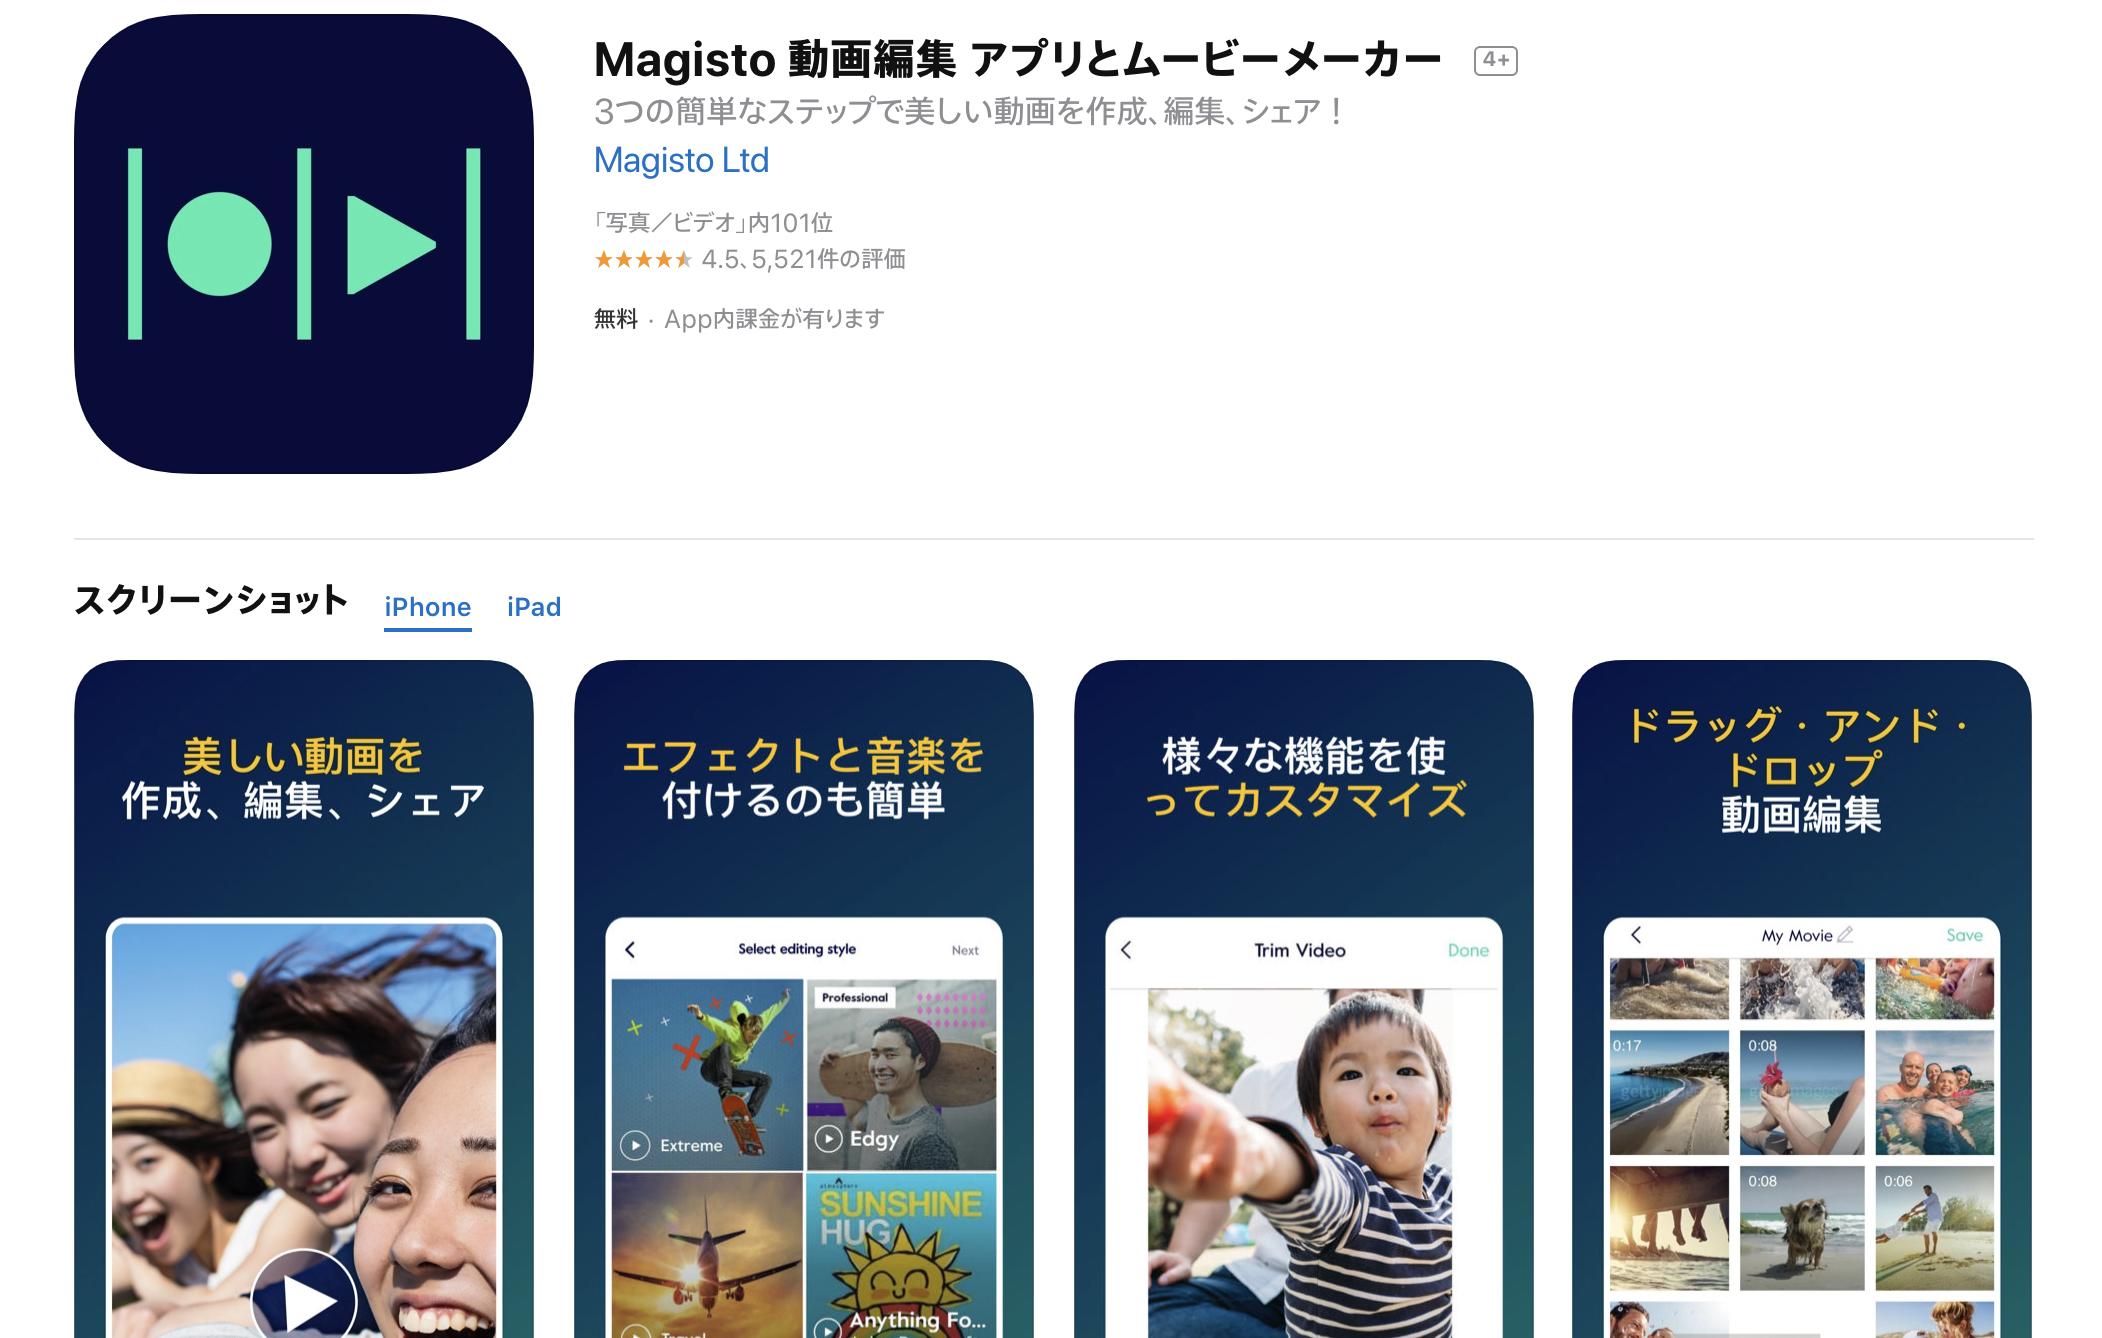 Magisto_動画編集アプリ